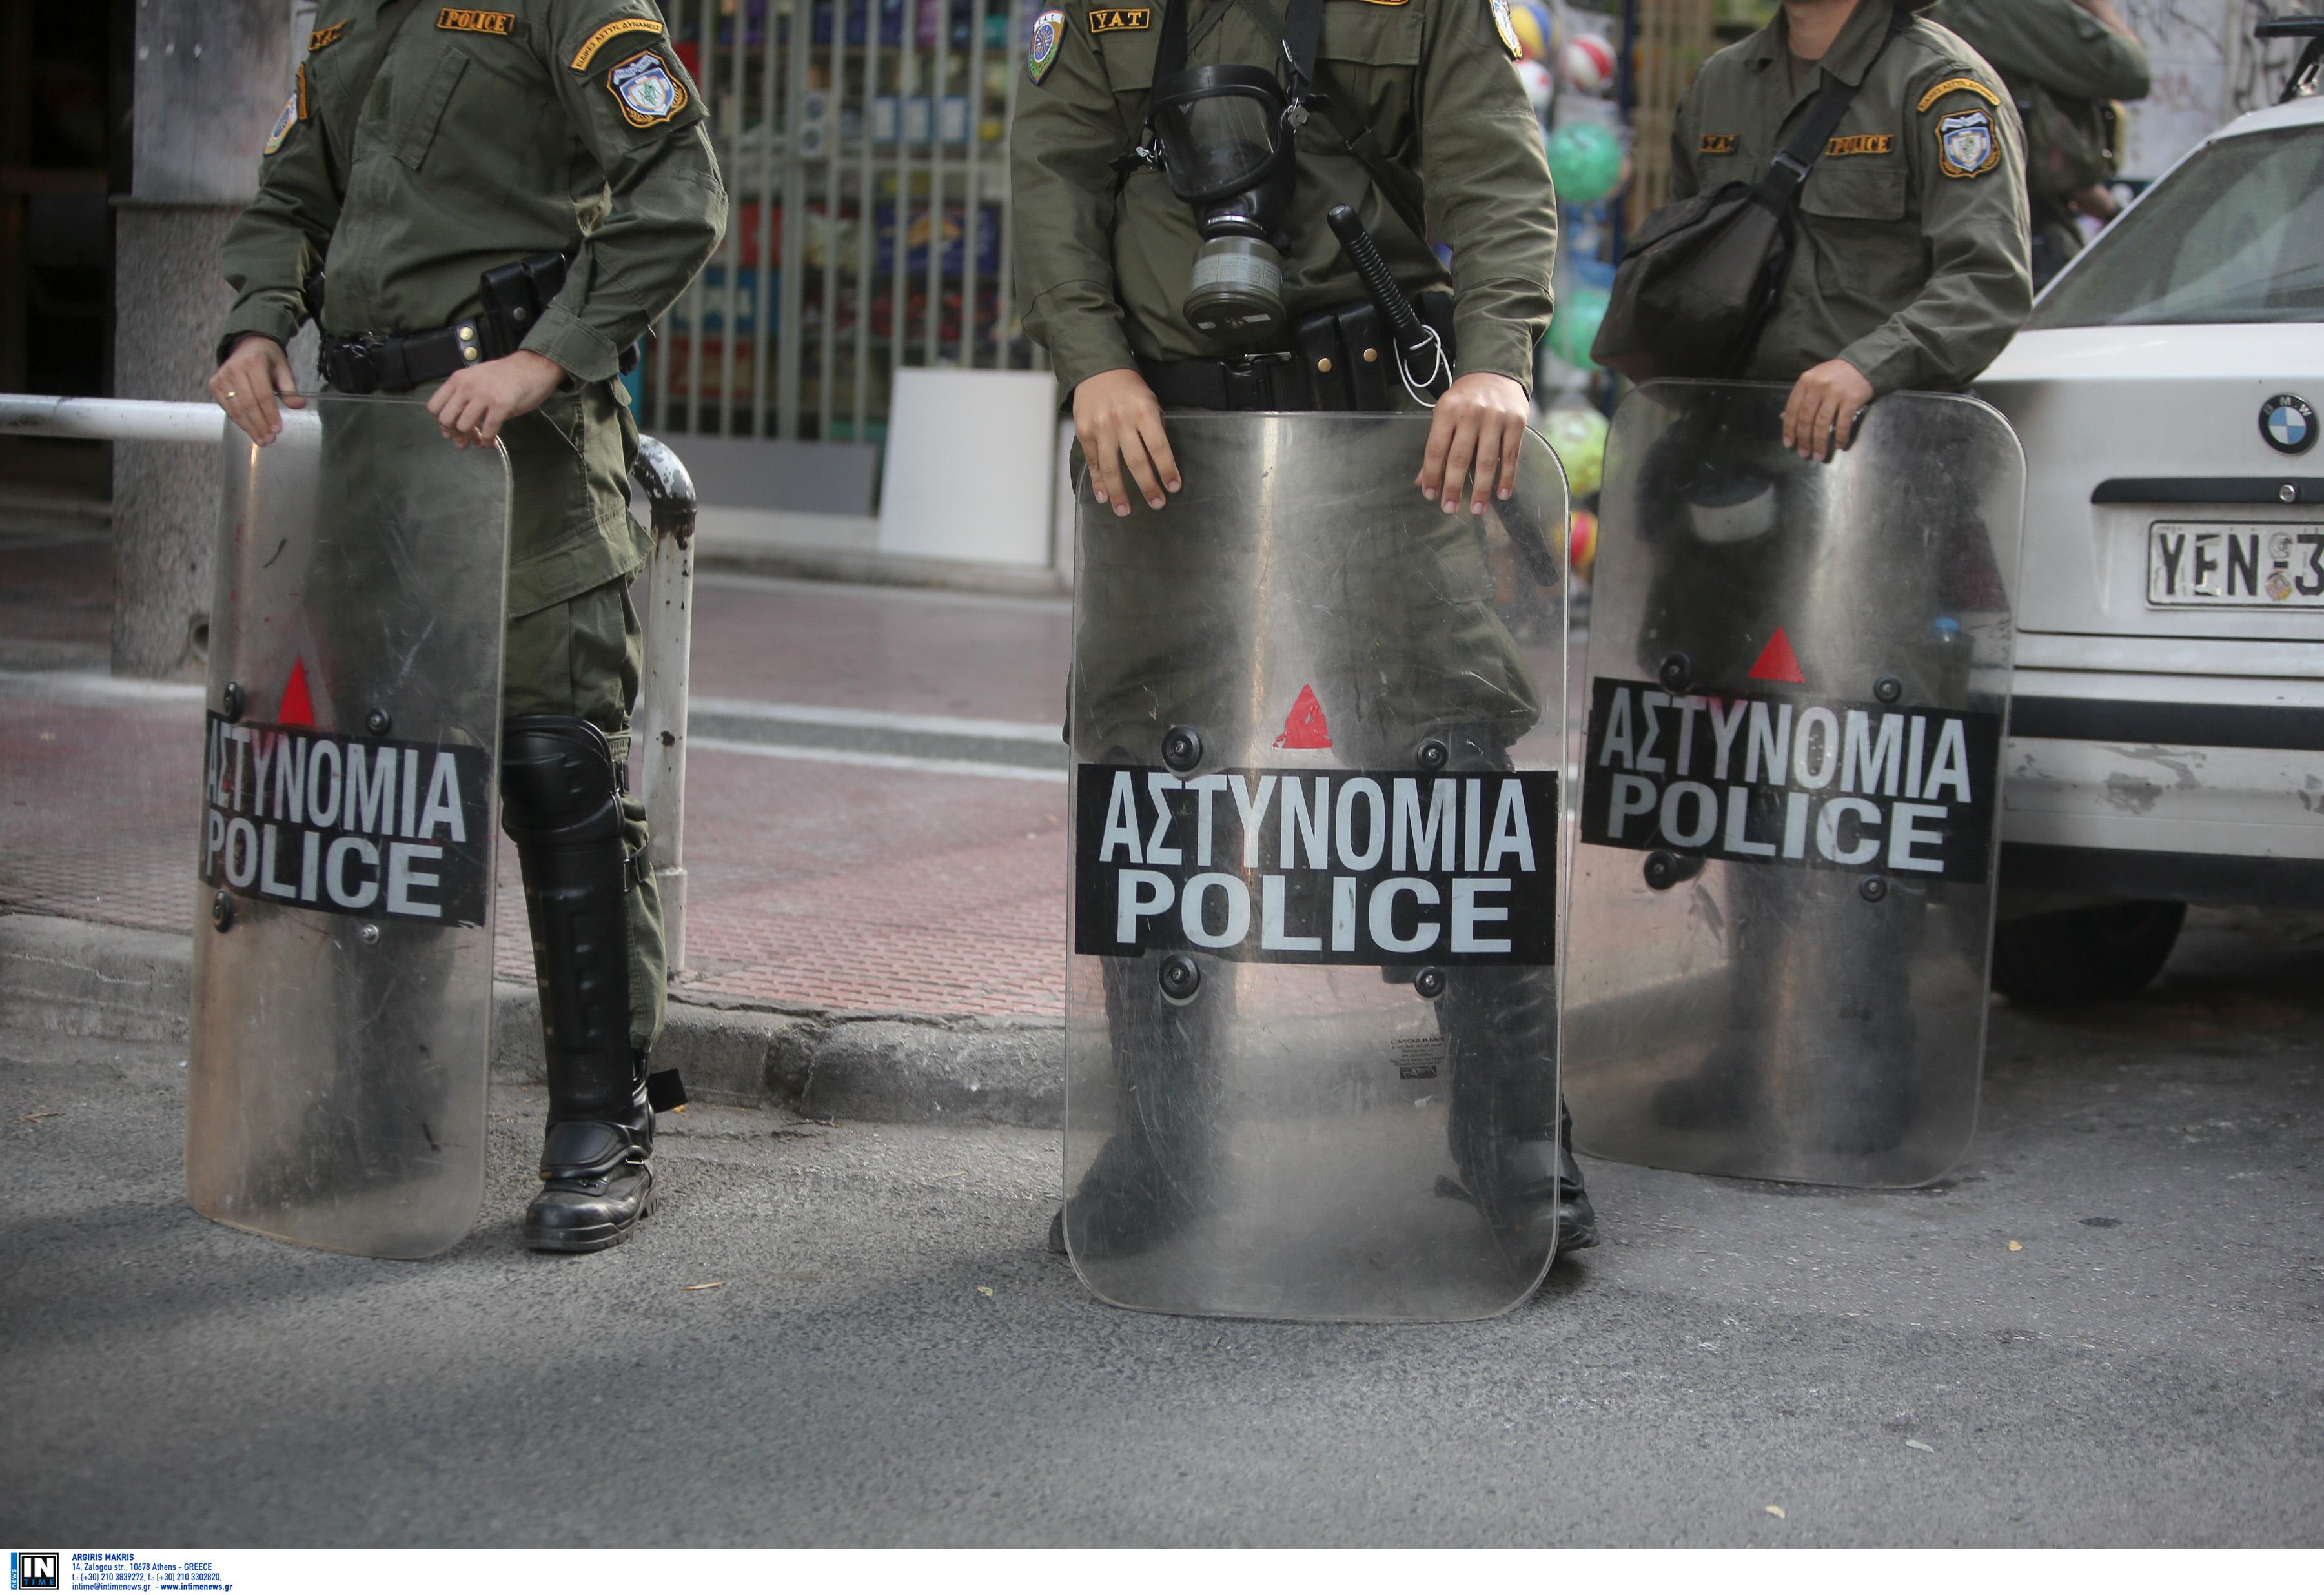 Ηθοποιός καταγγέλλει απρόκλητη επίθεση από άνδρες των ΜΑΤ έξω από τα γραφεία του ΠΑΣΟΚ